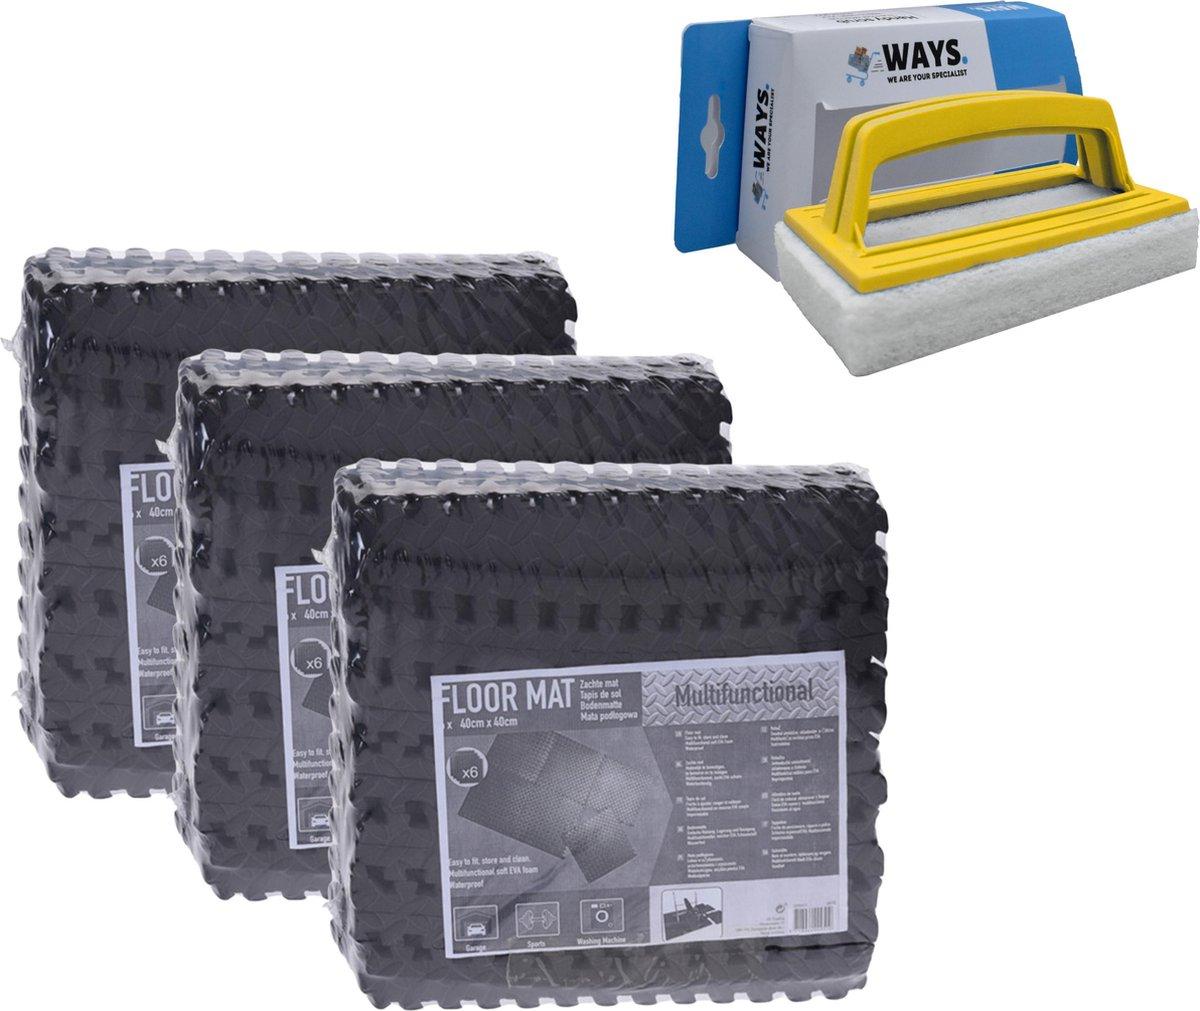 Zwembadtegels - Voordeelverpakking - 3 verpakkingen van 6 tegels - 40x40 cm & WAYS scrubborstel